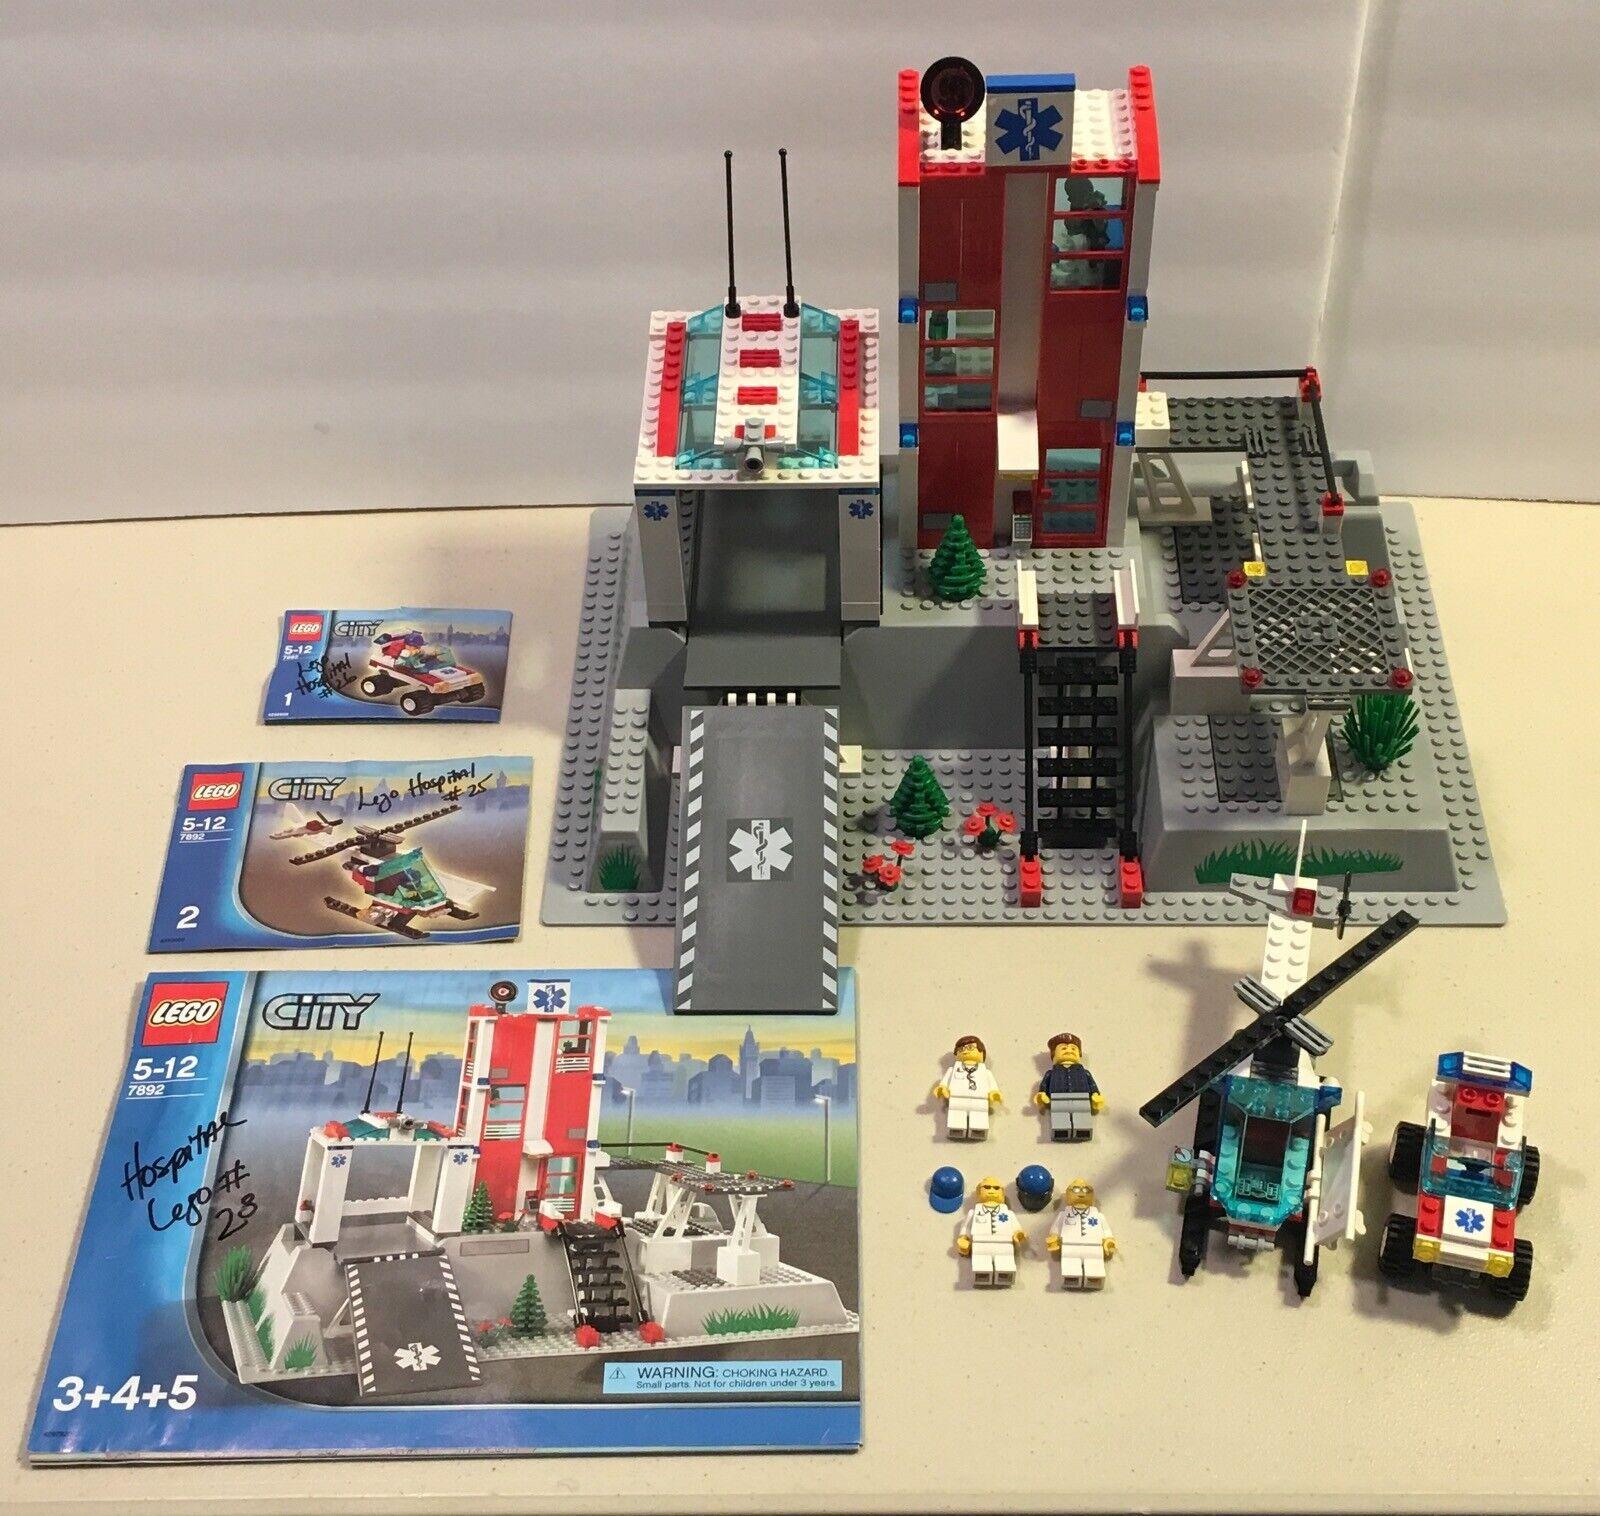 Lego Ciudad 7892 hospital de ciudad 2006 con manuales Minifiguras &